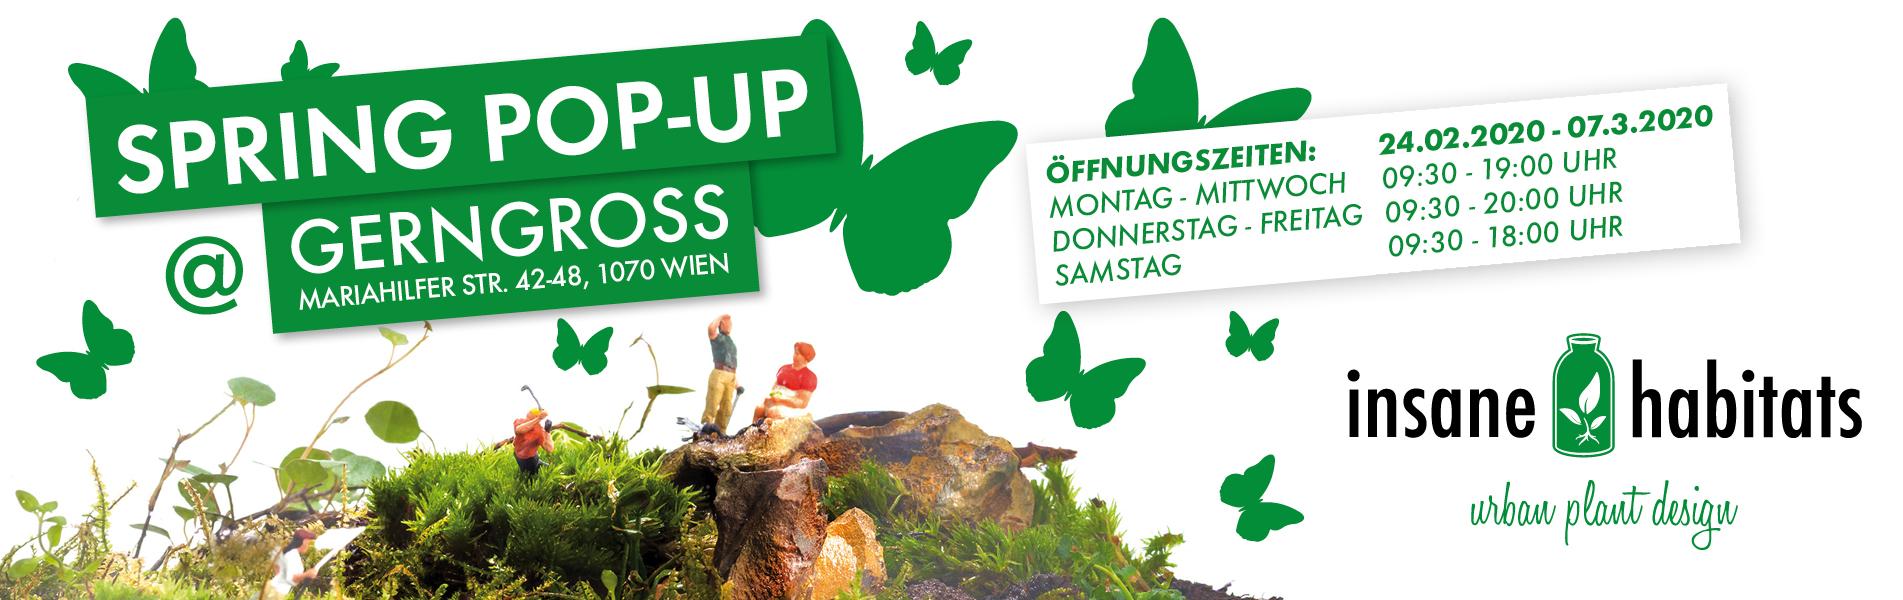 Banner Spring Pop-Up @ Gerngross